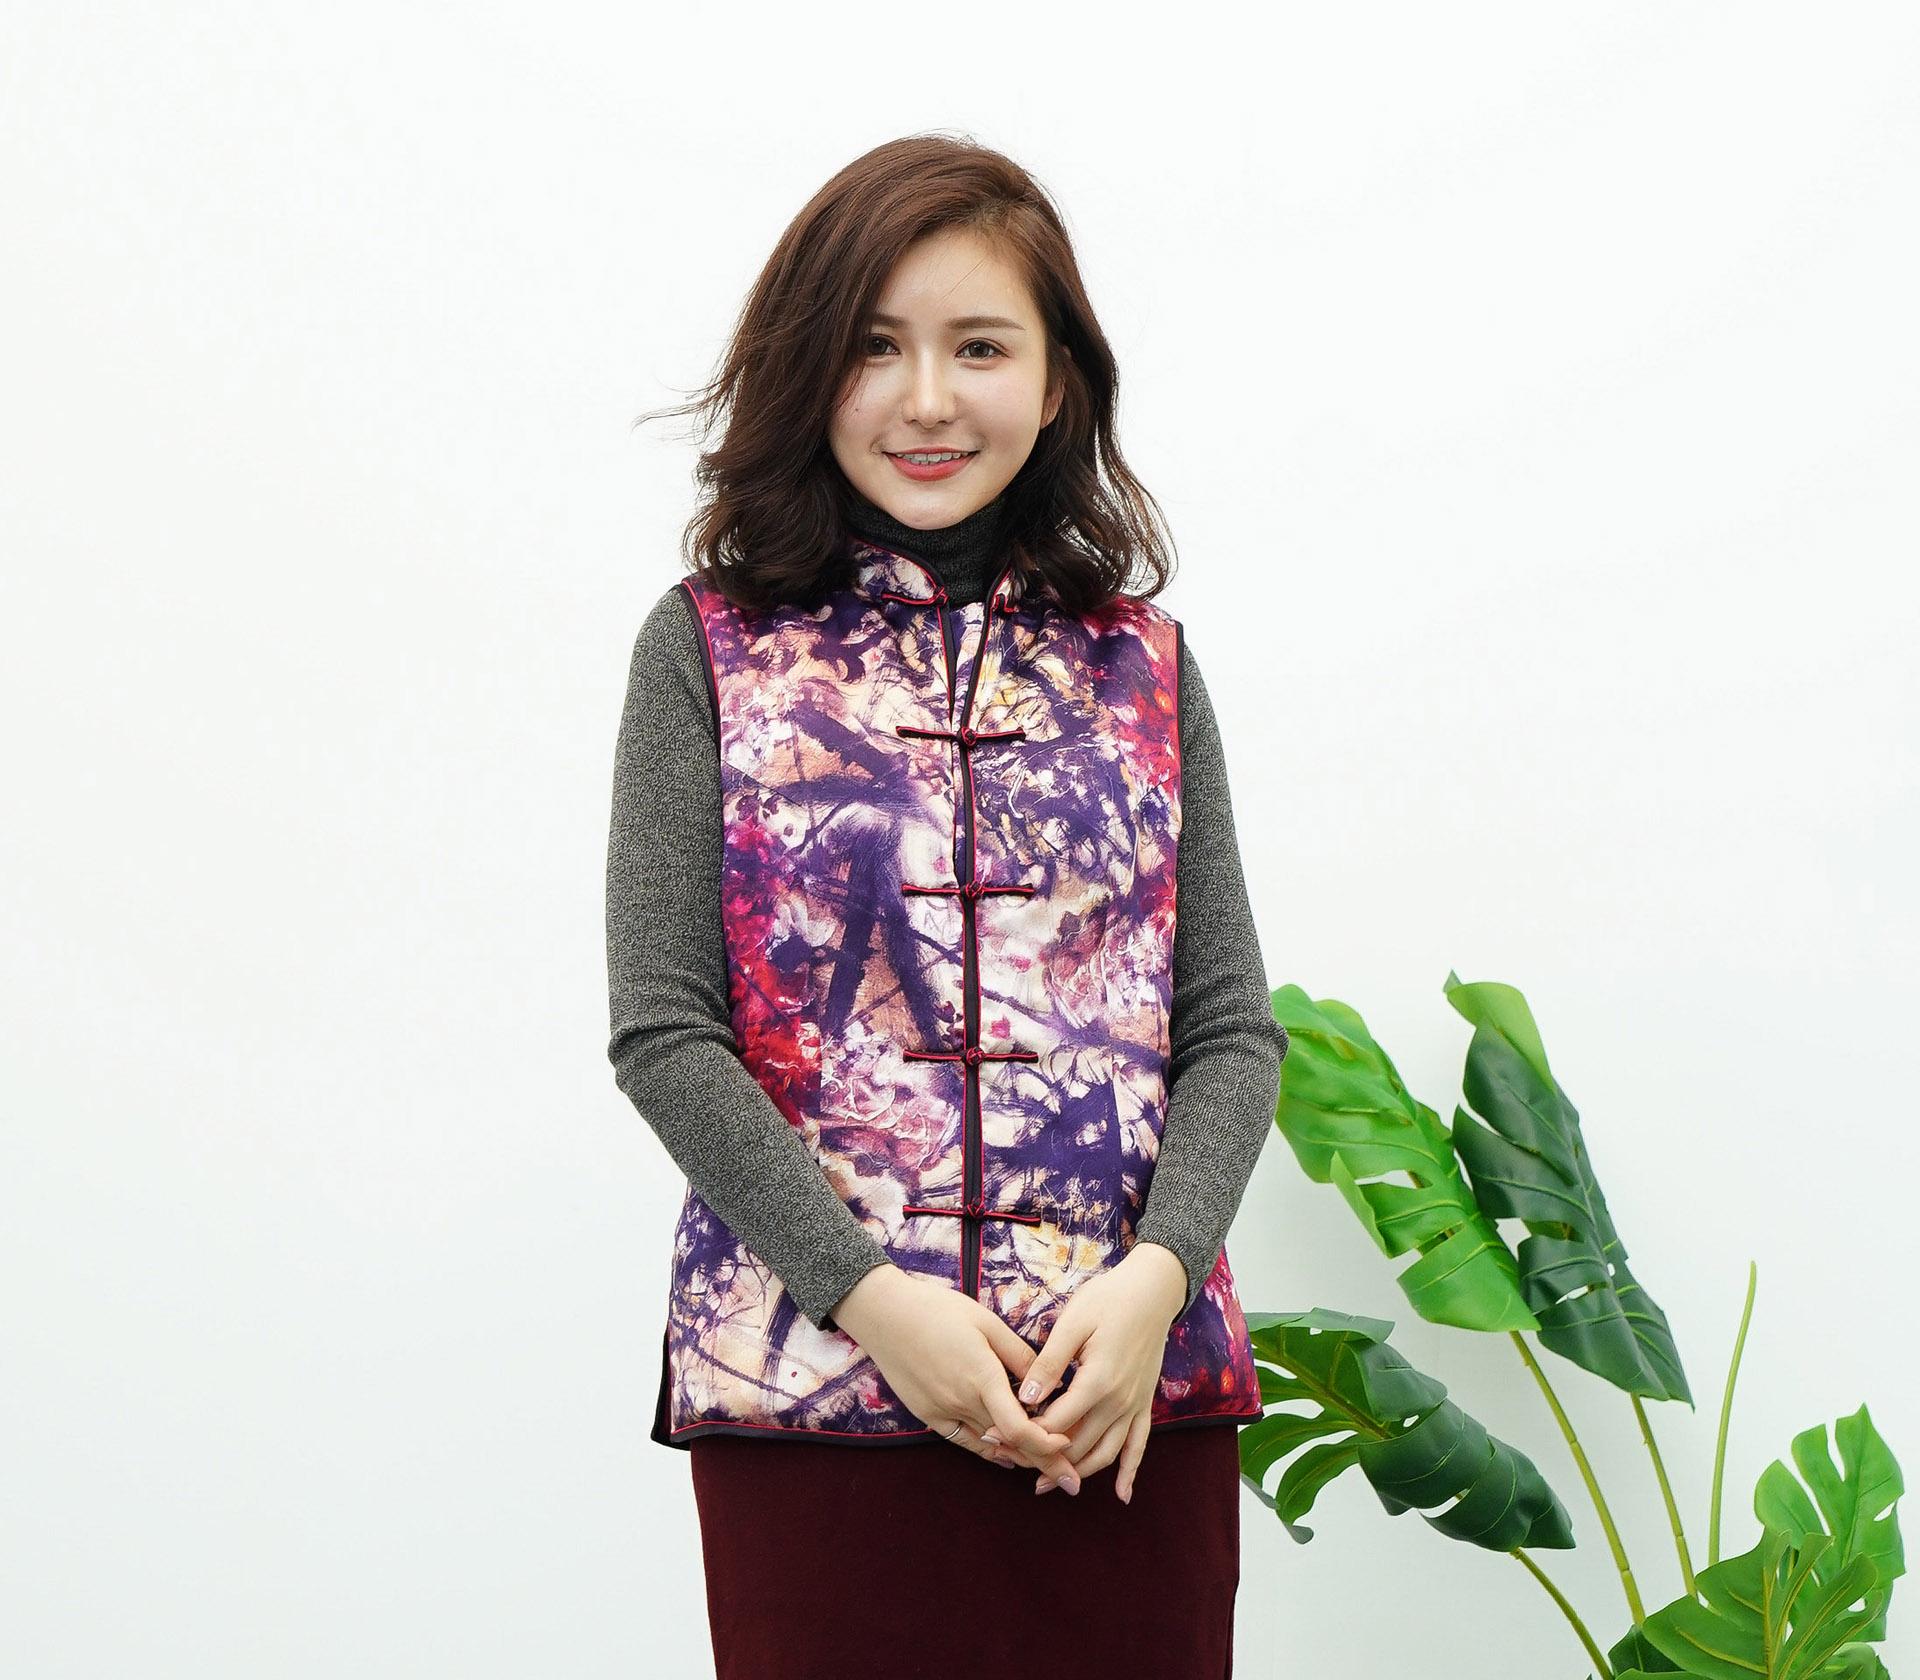 闕蘭絹質感美人蠶絲旗袍背心 - 6019